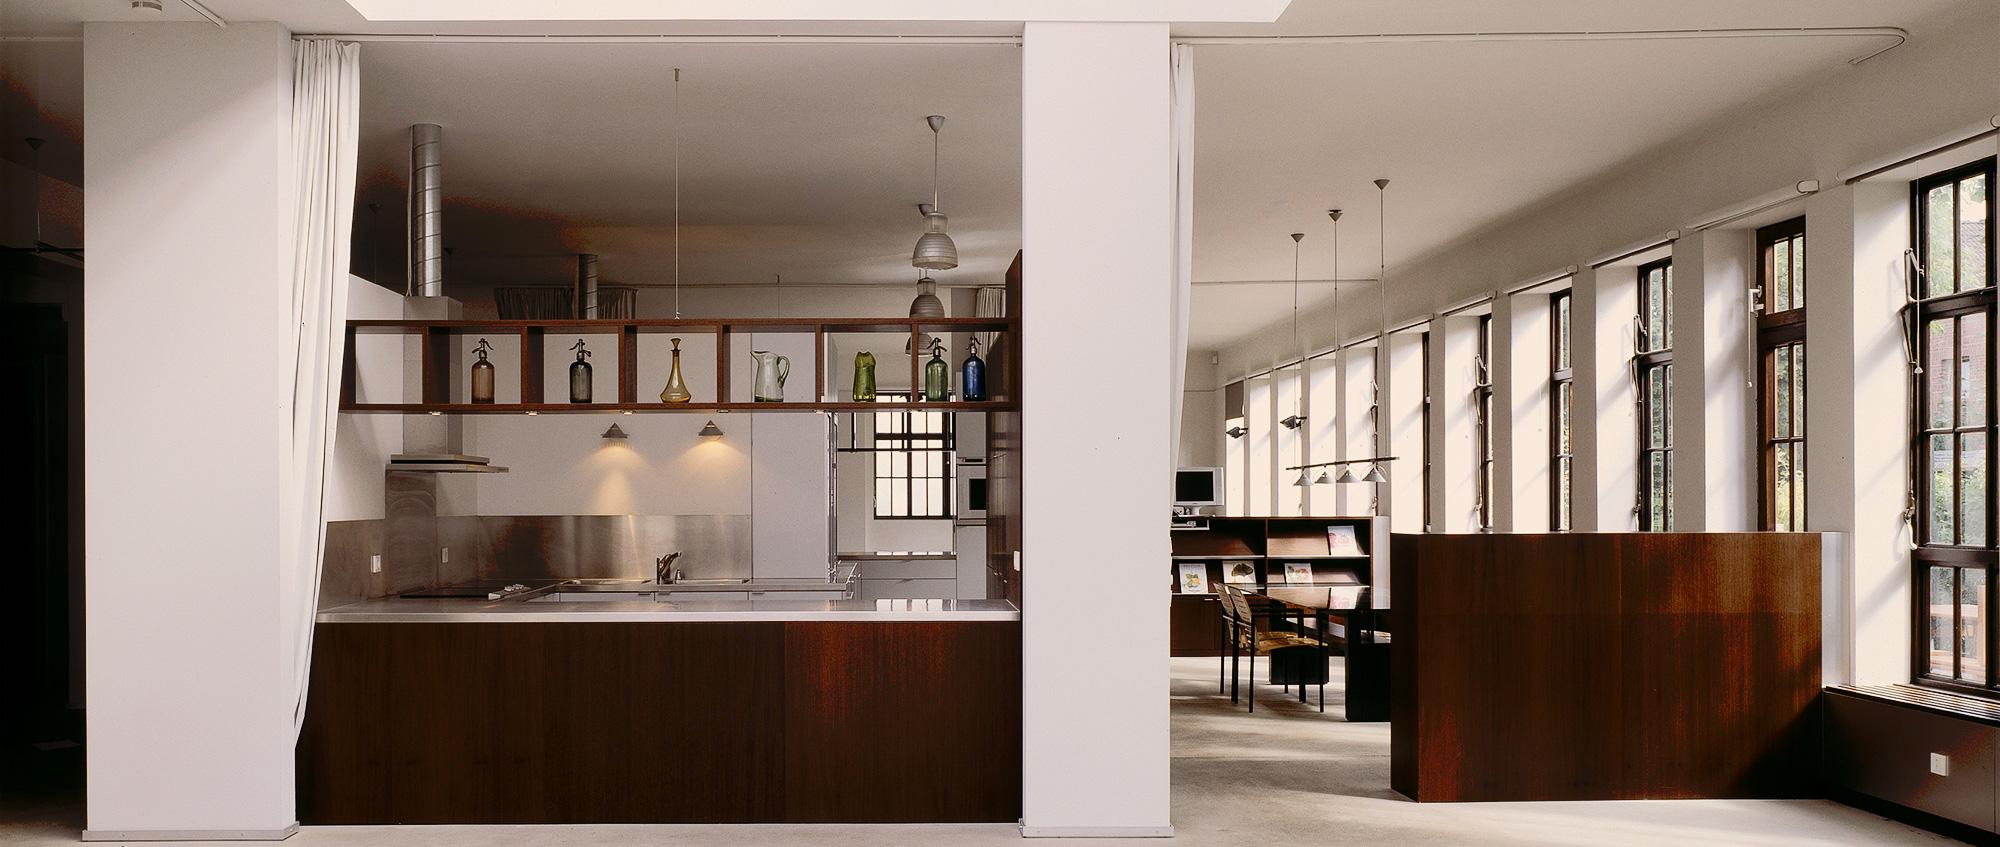 Studio,-Küche